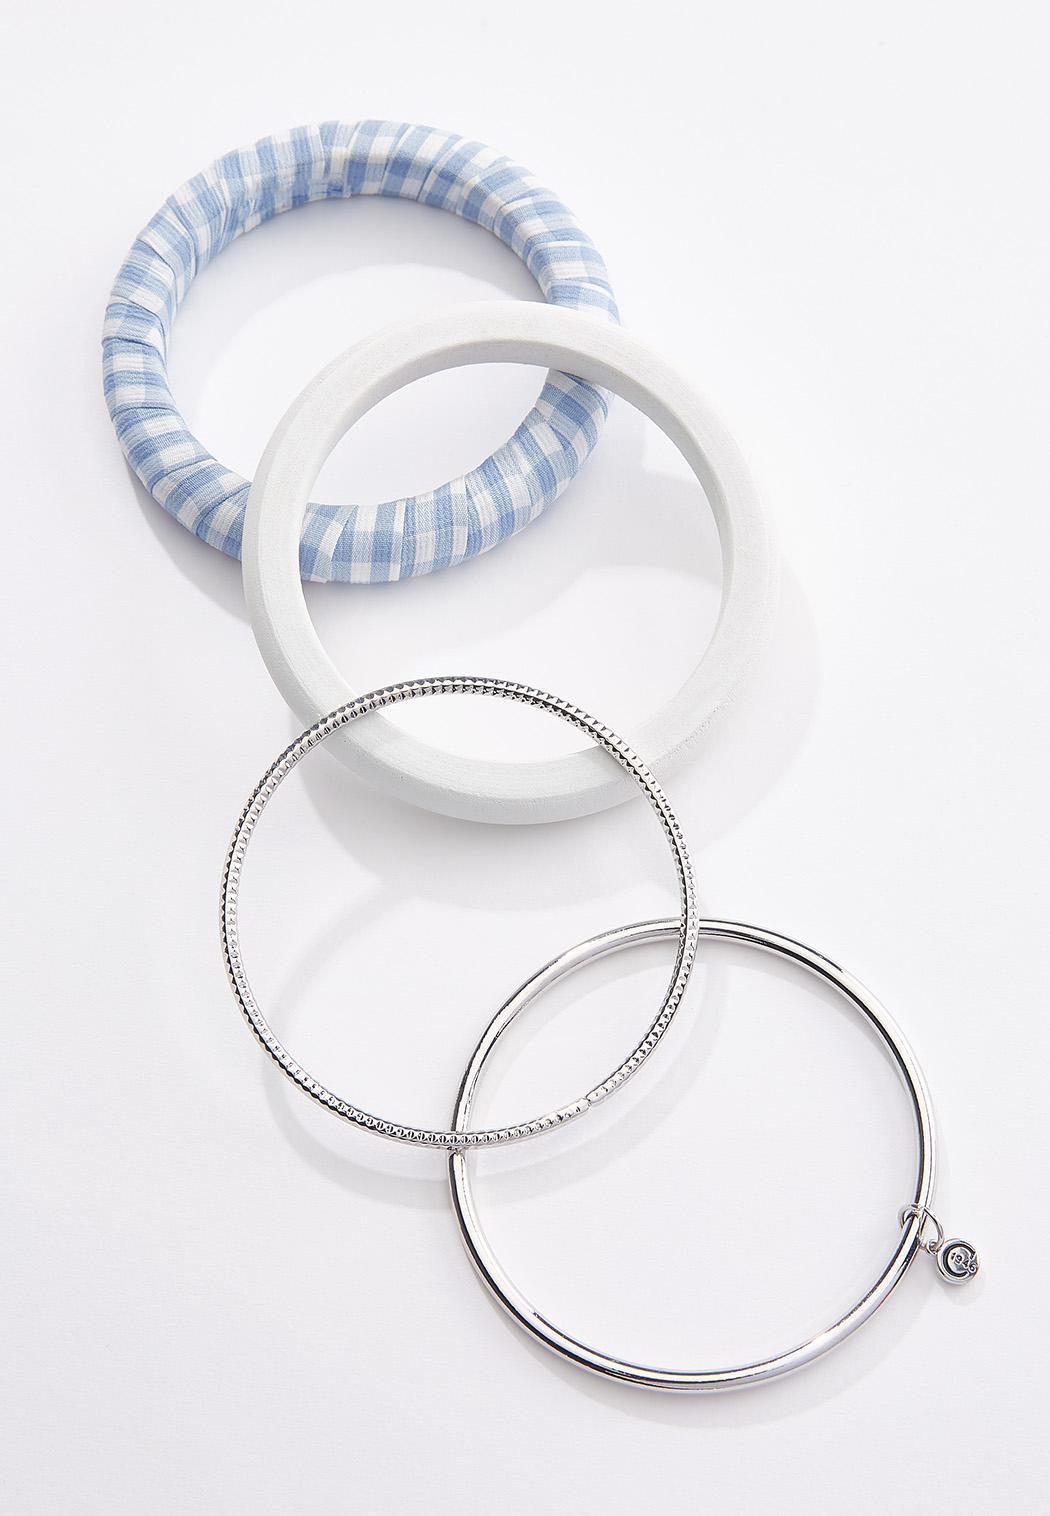 Gingham Silver Bangle Bracelet Set